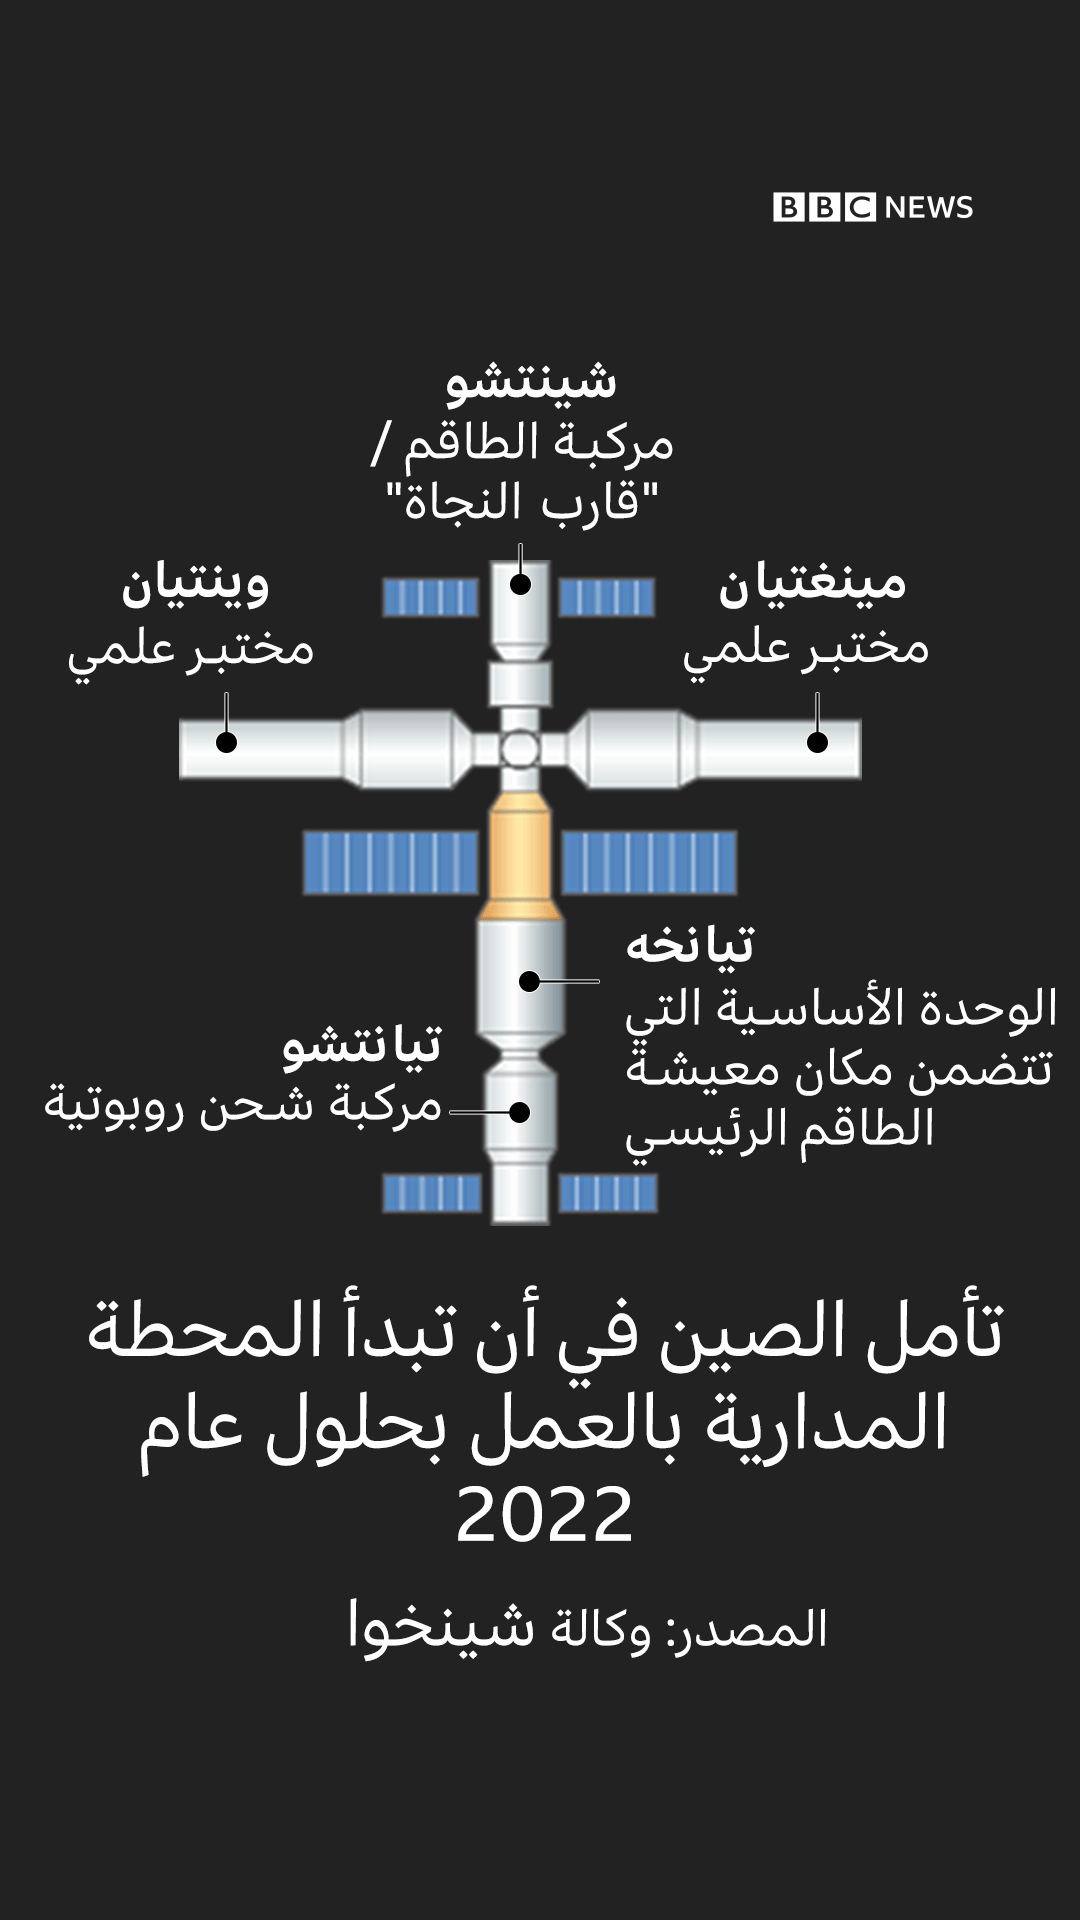 مخطط للمحطة المدارية الصينية